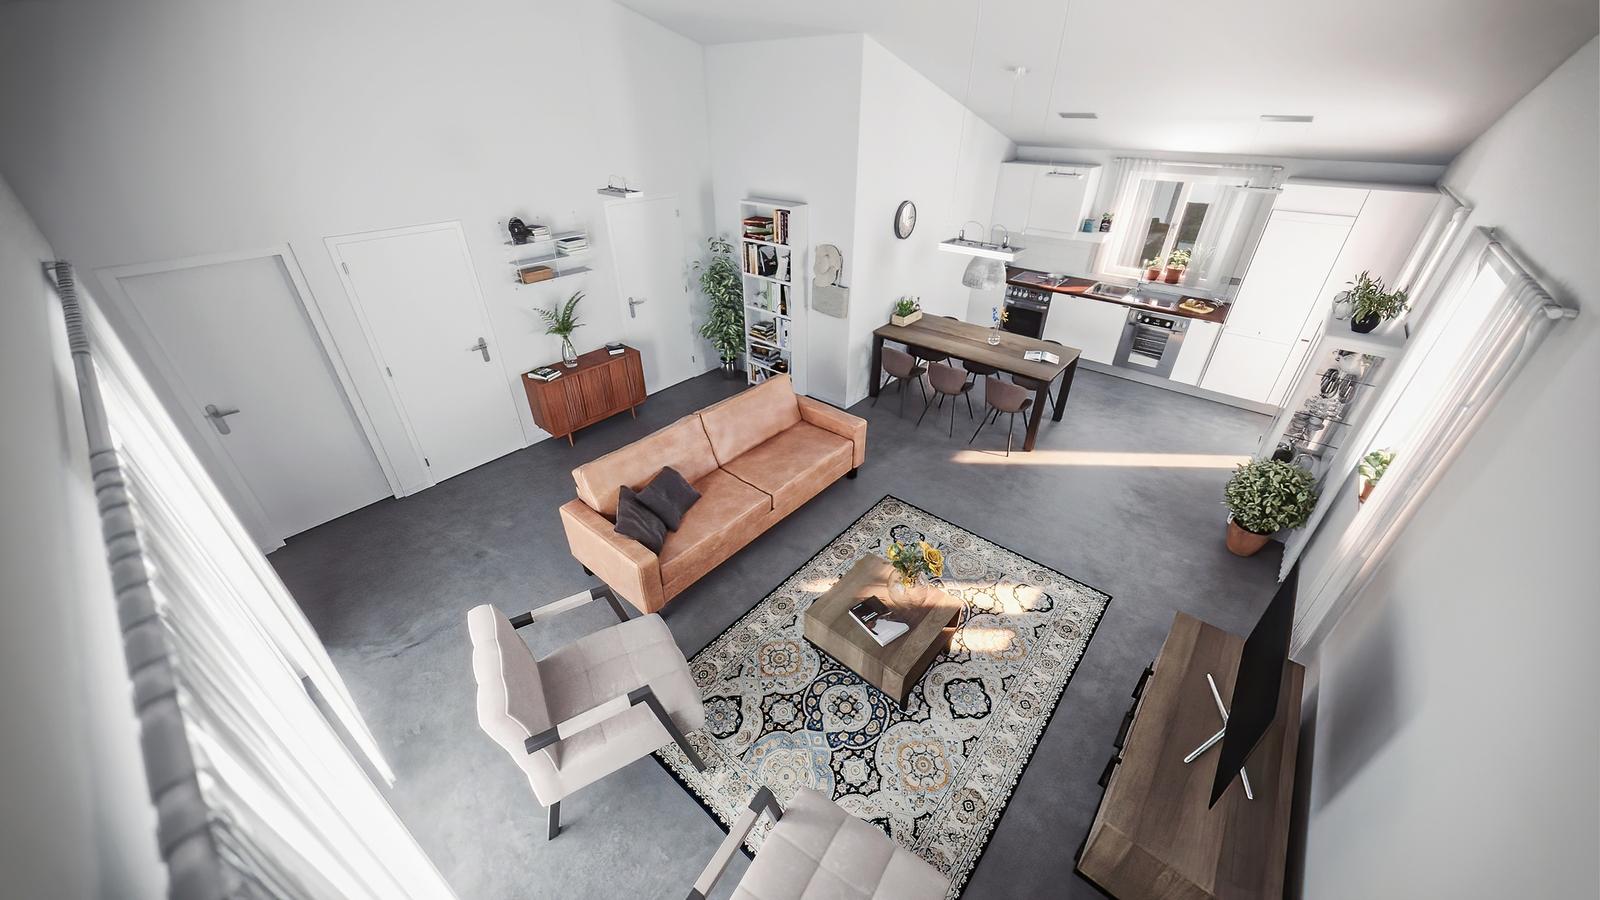 Maison de 3 pièces pouvant accueillir 4 à 6 personnes